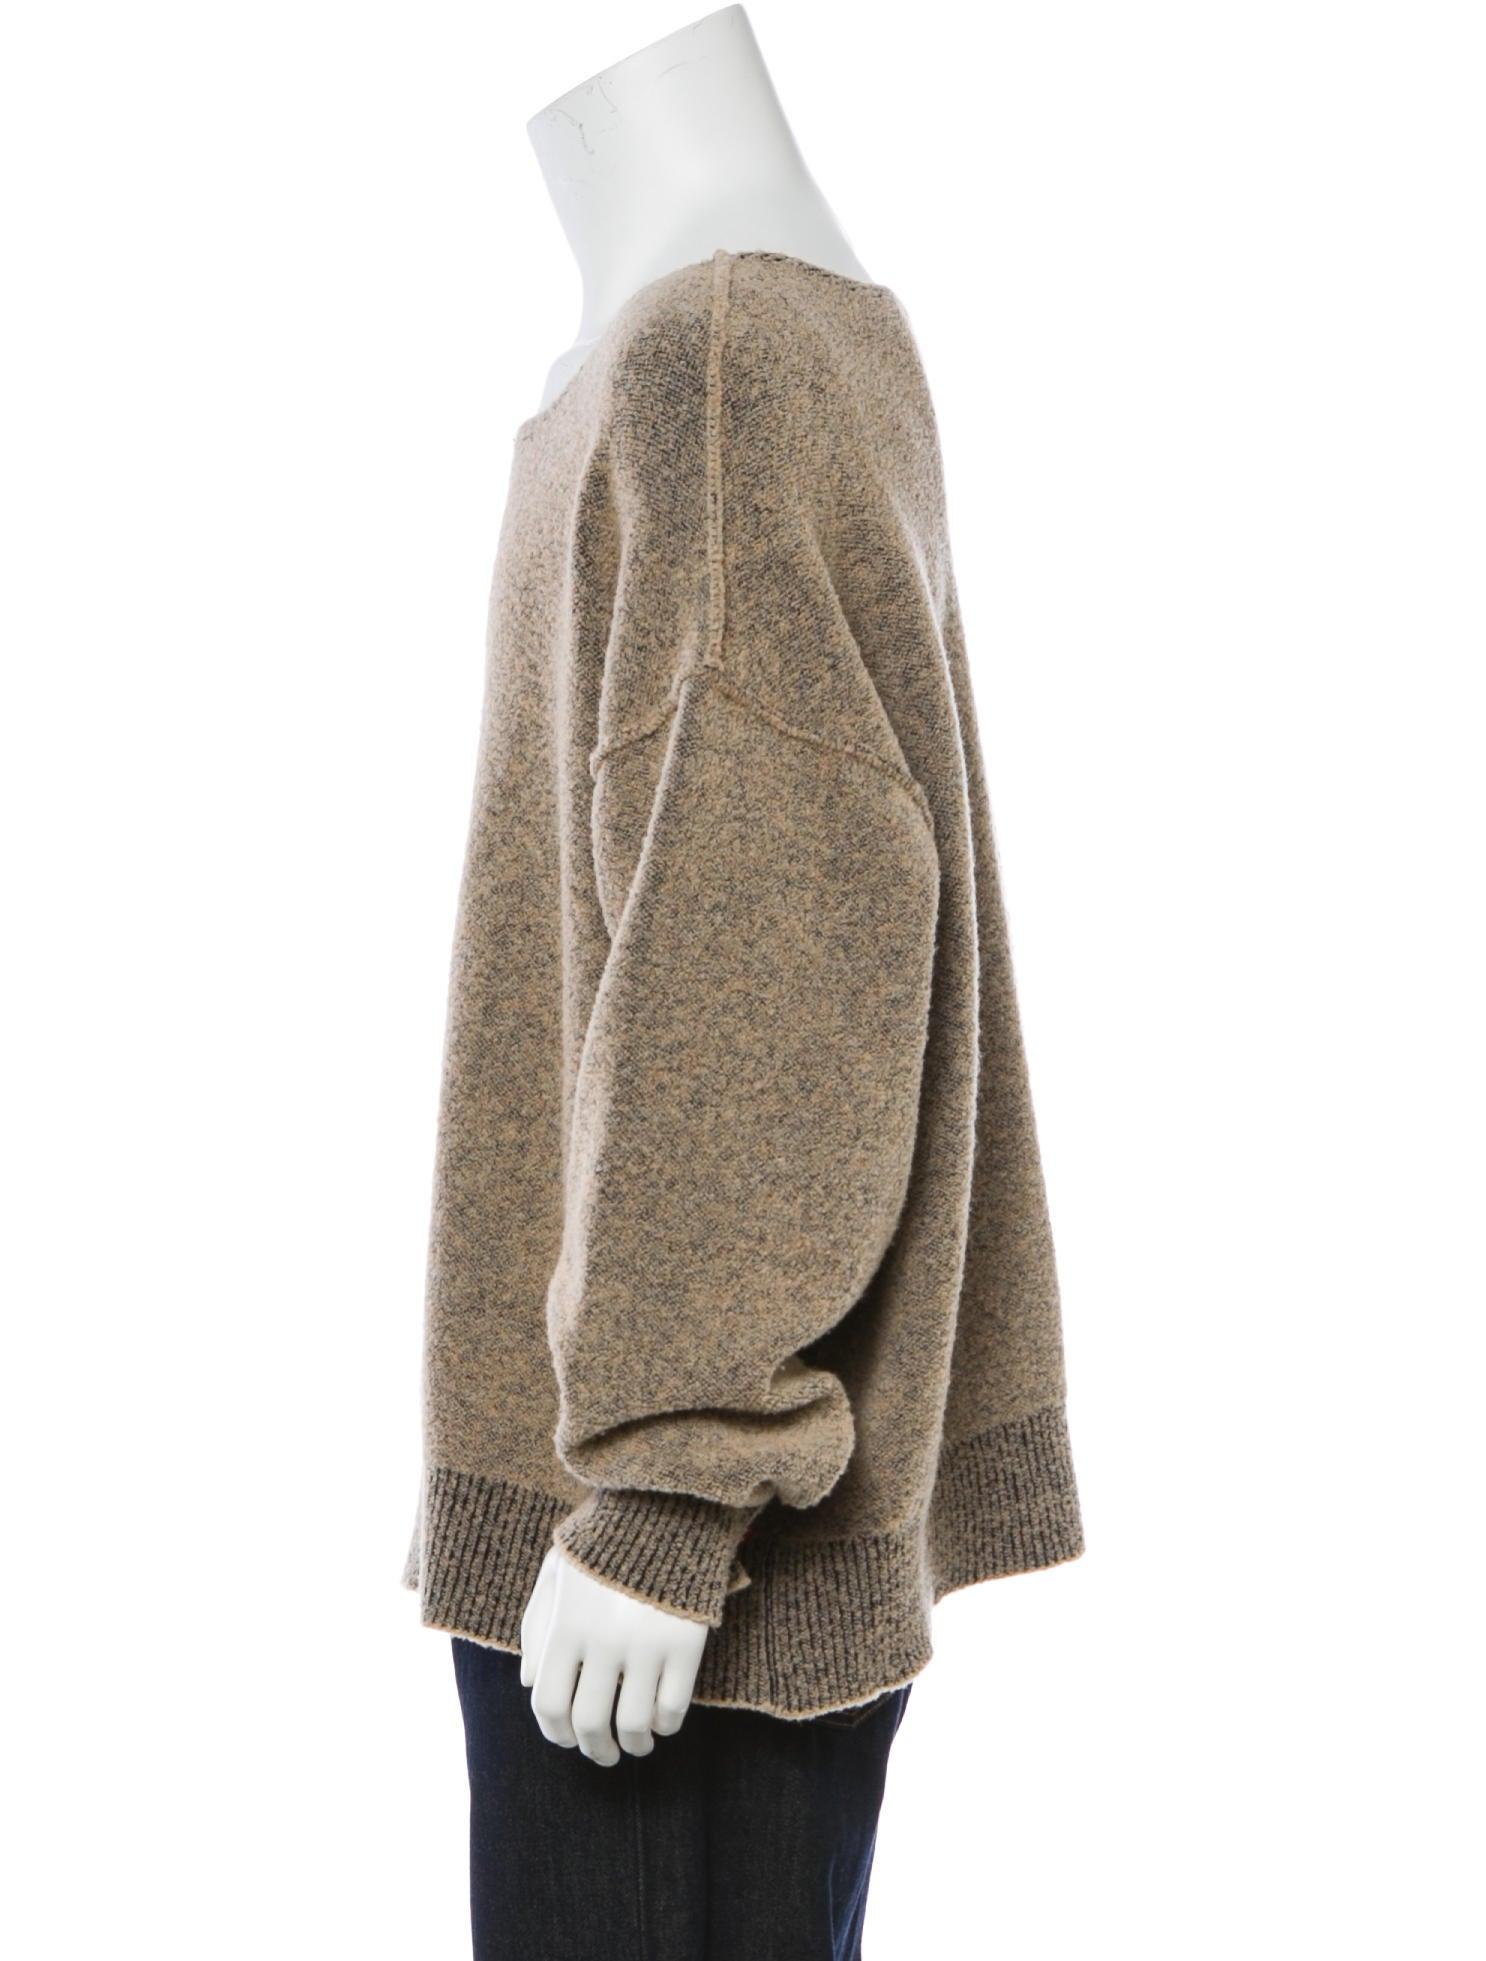 Kanye Season West x Adidas Yeezy Clothing Season 19756 1 Bouclé Sweater Clothing 035037c - immunitetfolie.website